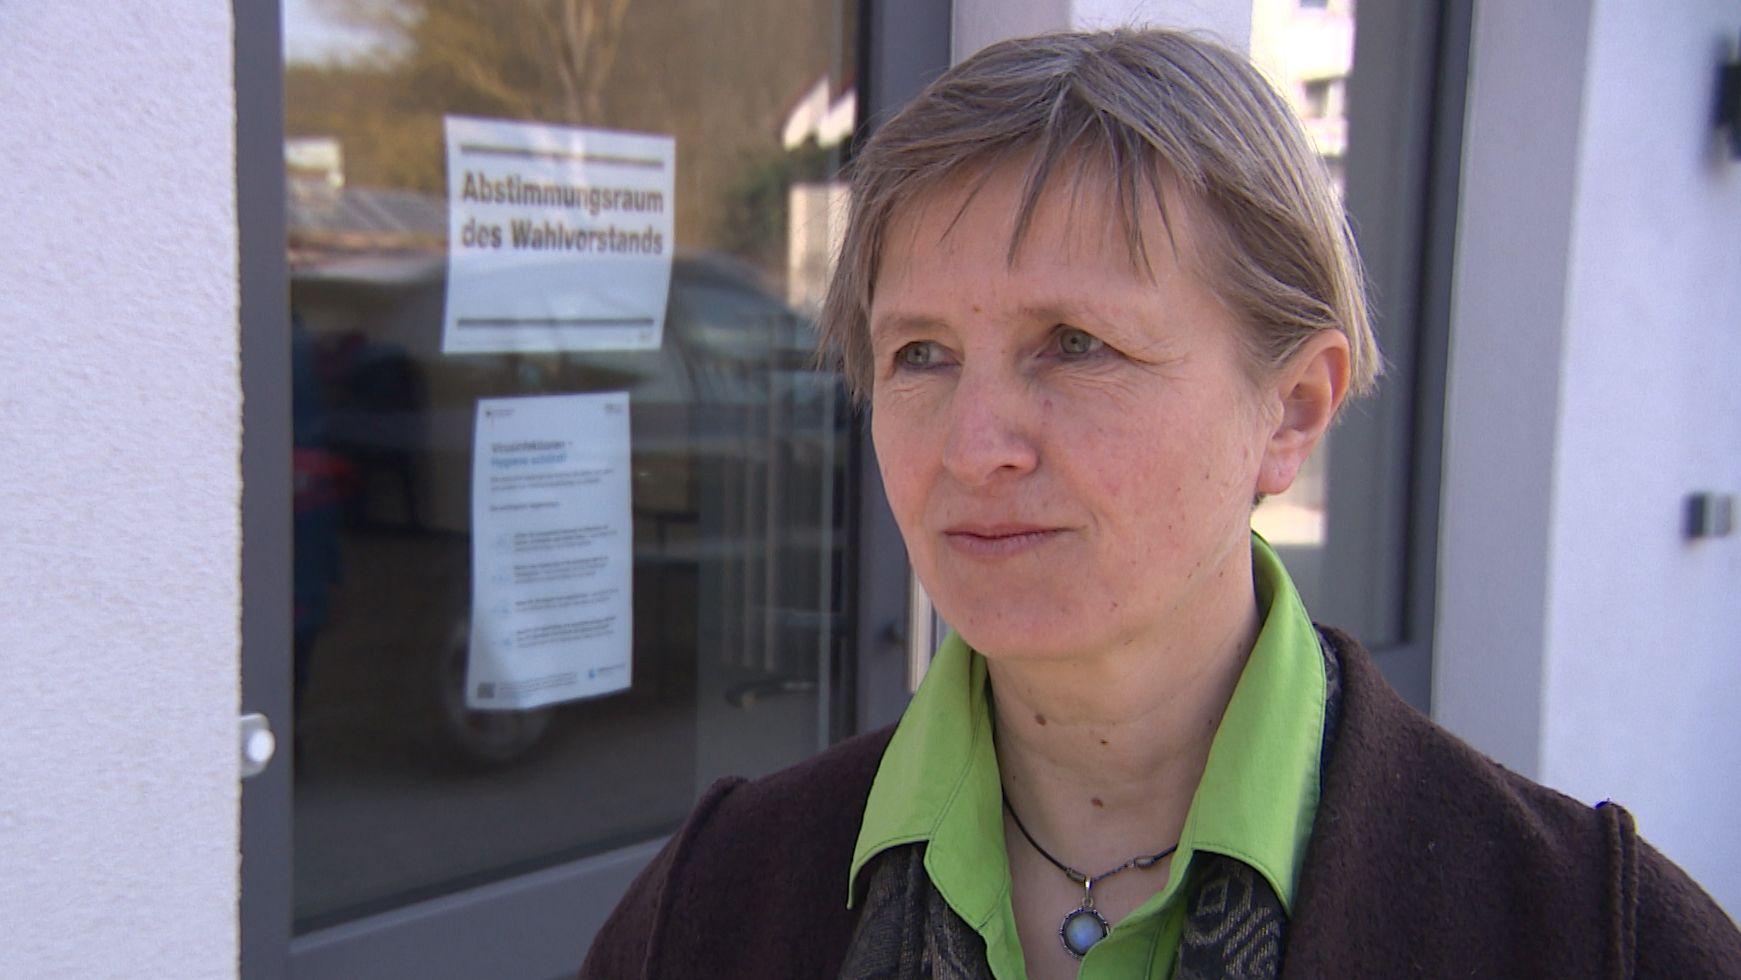 Ruth Frank, designierte Bürgermeisterin von Breitbrunn